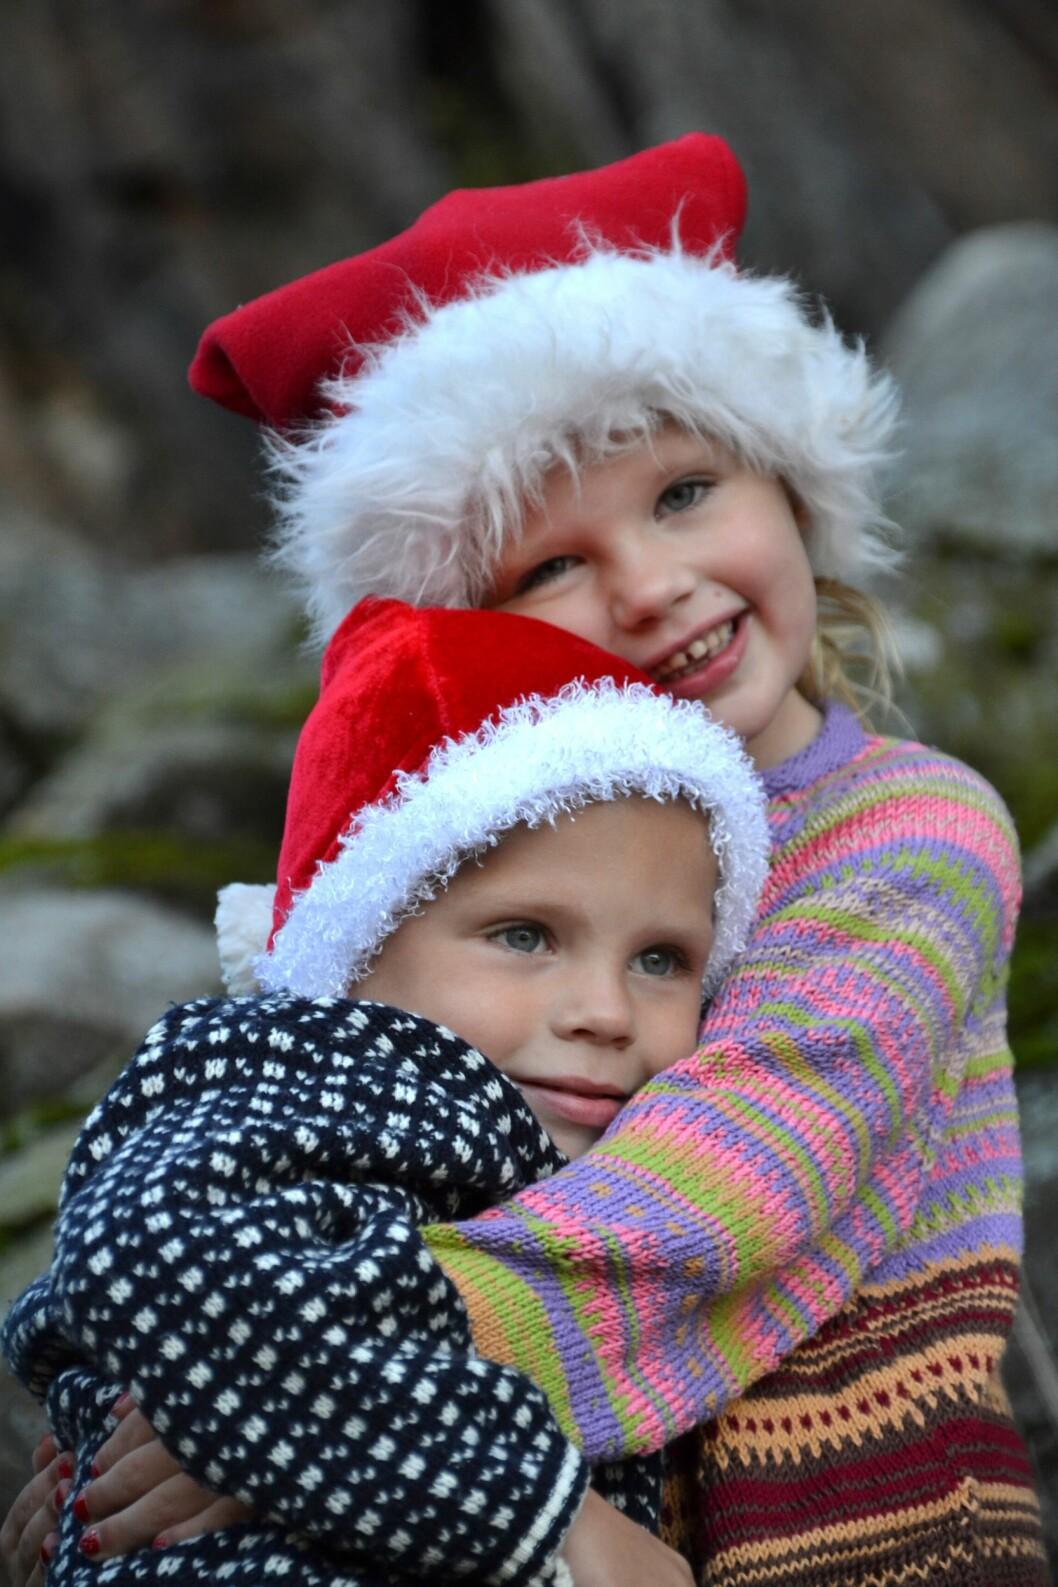 JULEBARNA: Angelica og Marcus ble født på julaften med to års mellomrom. – Det rare er at jeg hadde termin på samme dato i januar med begge to, forteller mamma Jeanette.